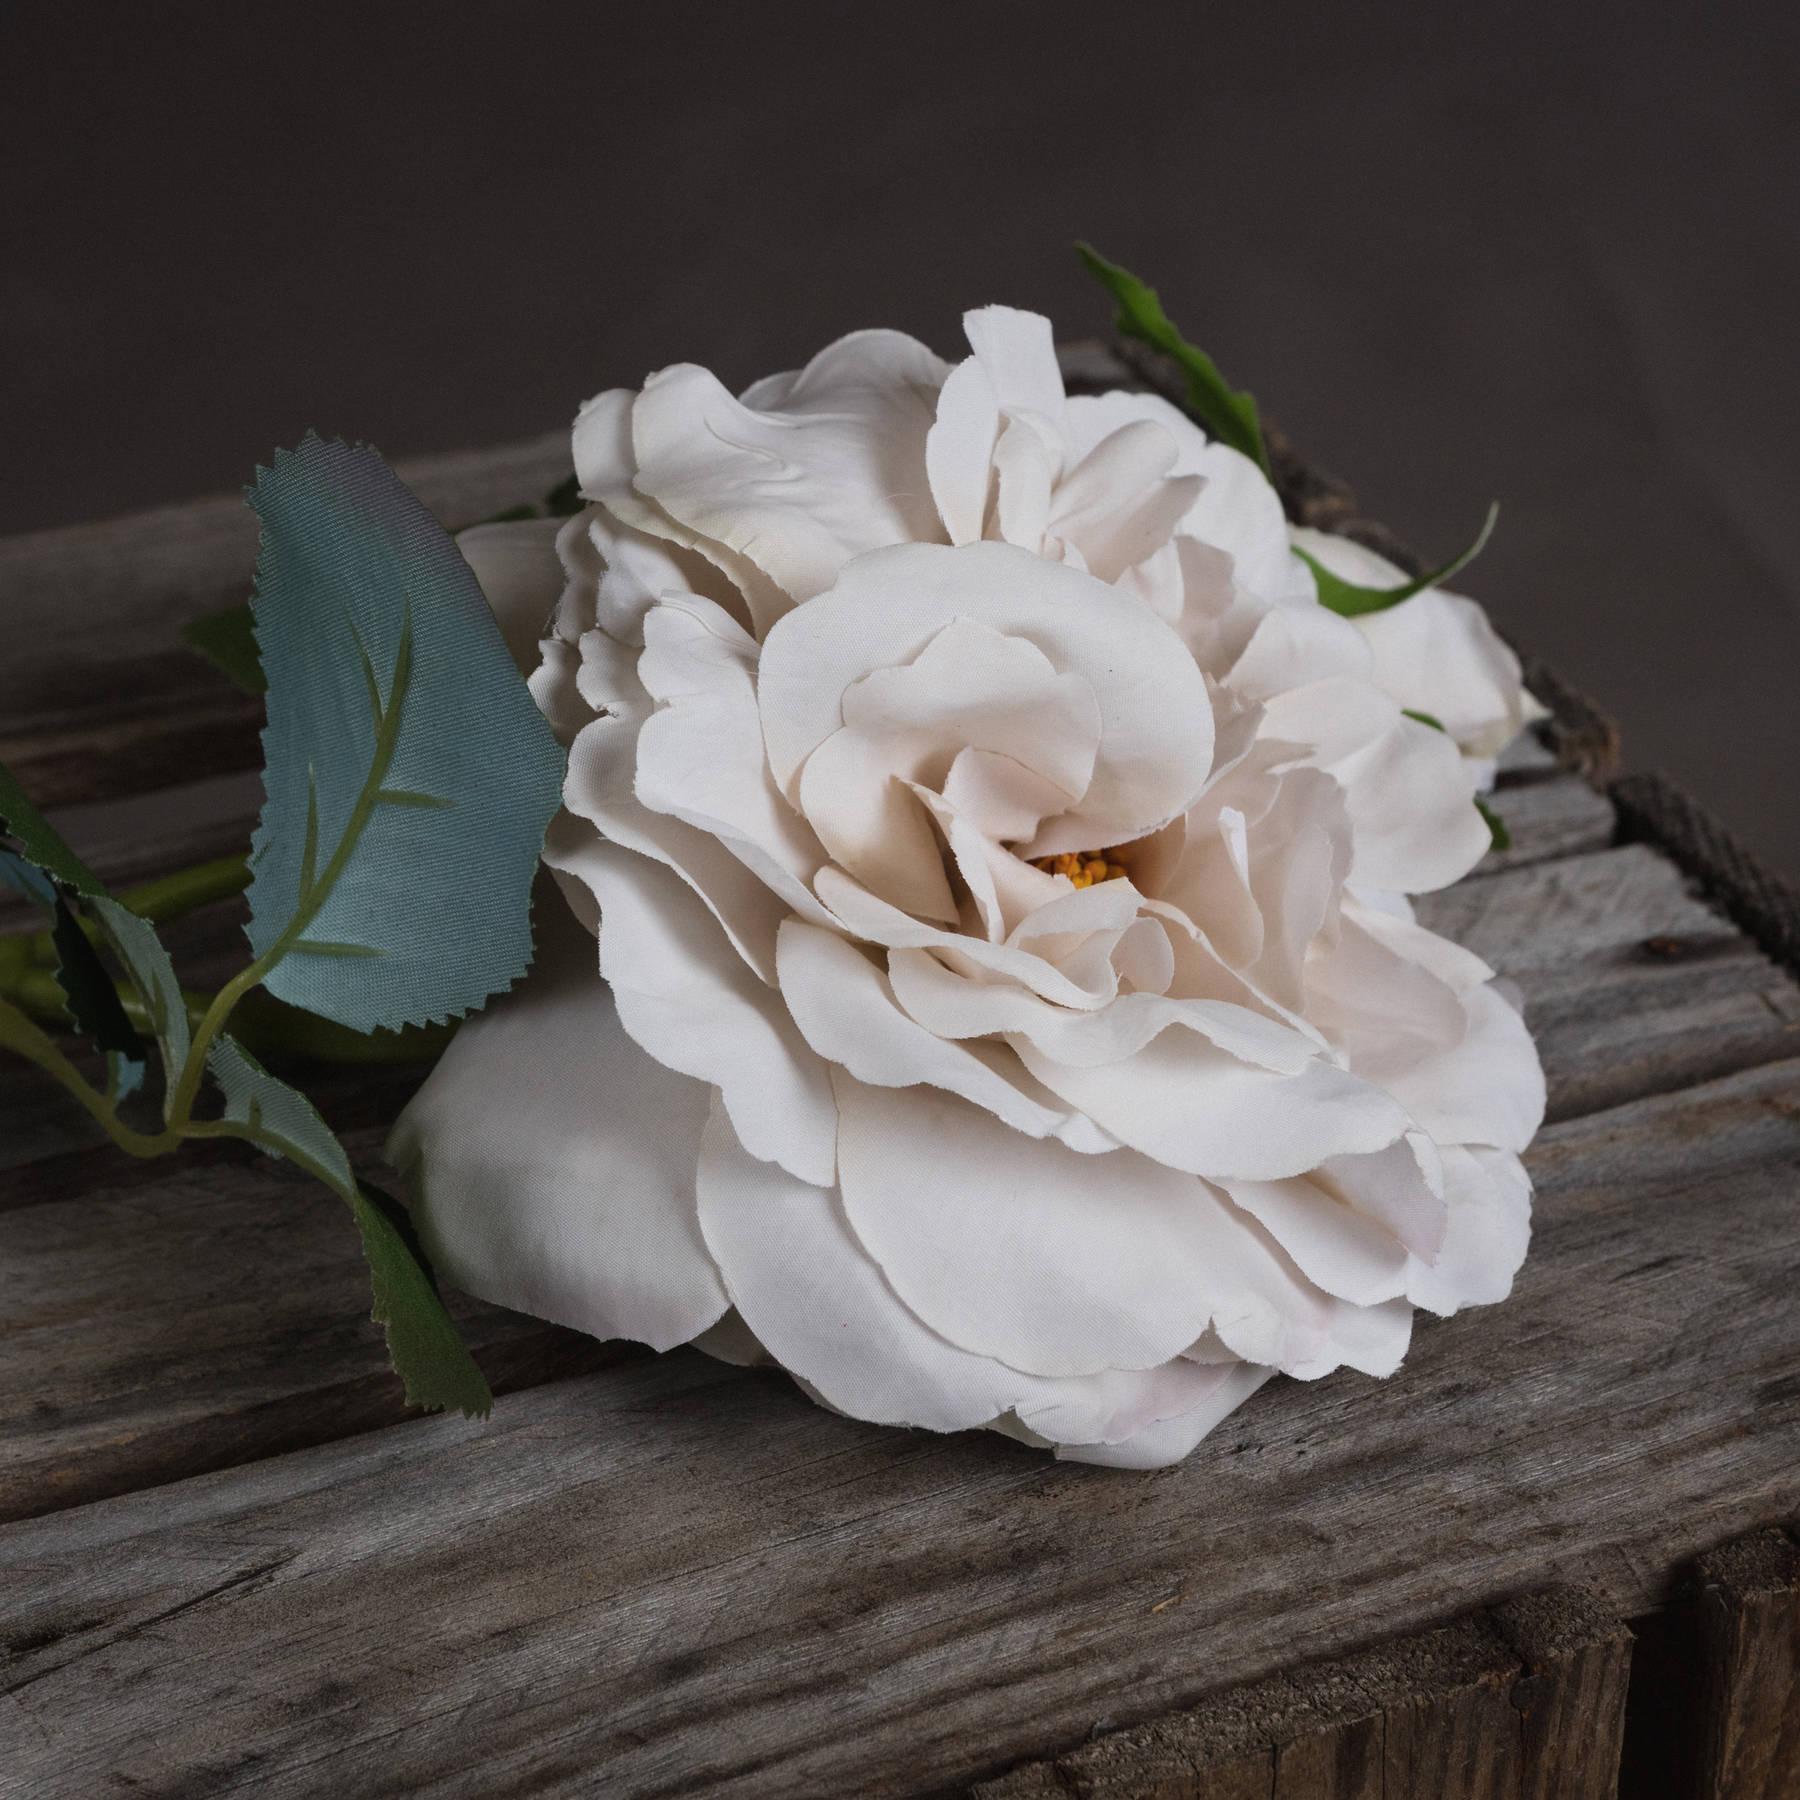 White Short Stem Rose - Image 3